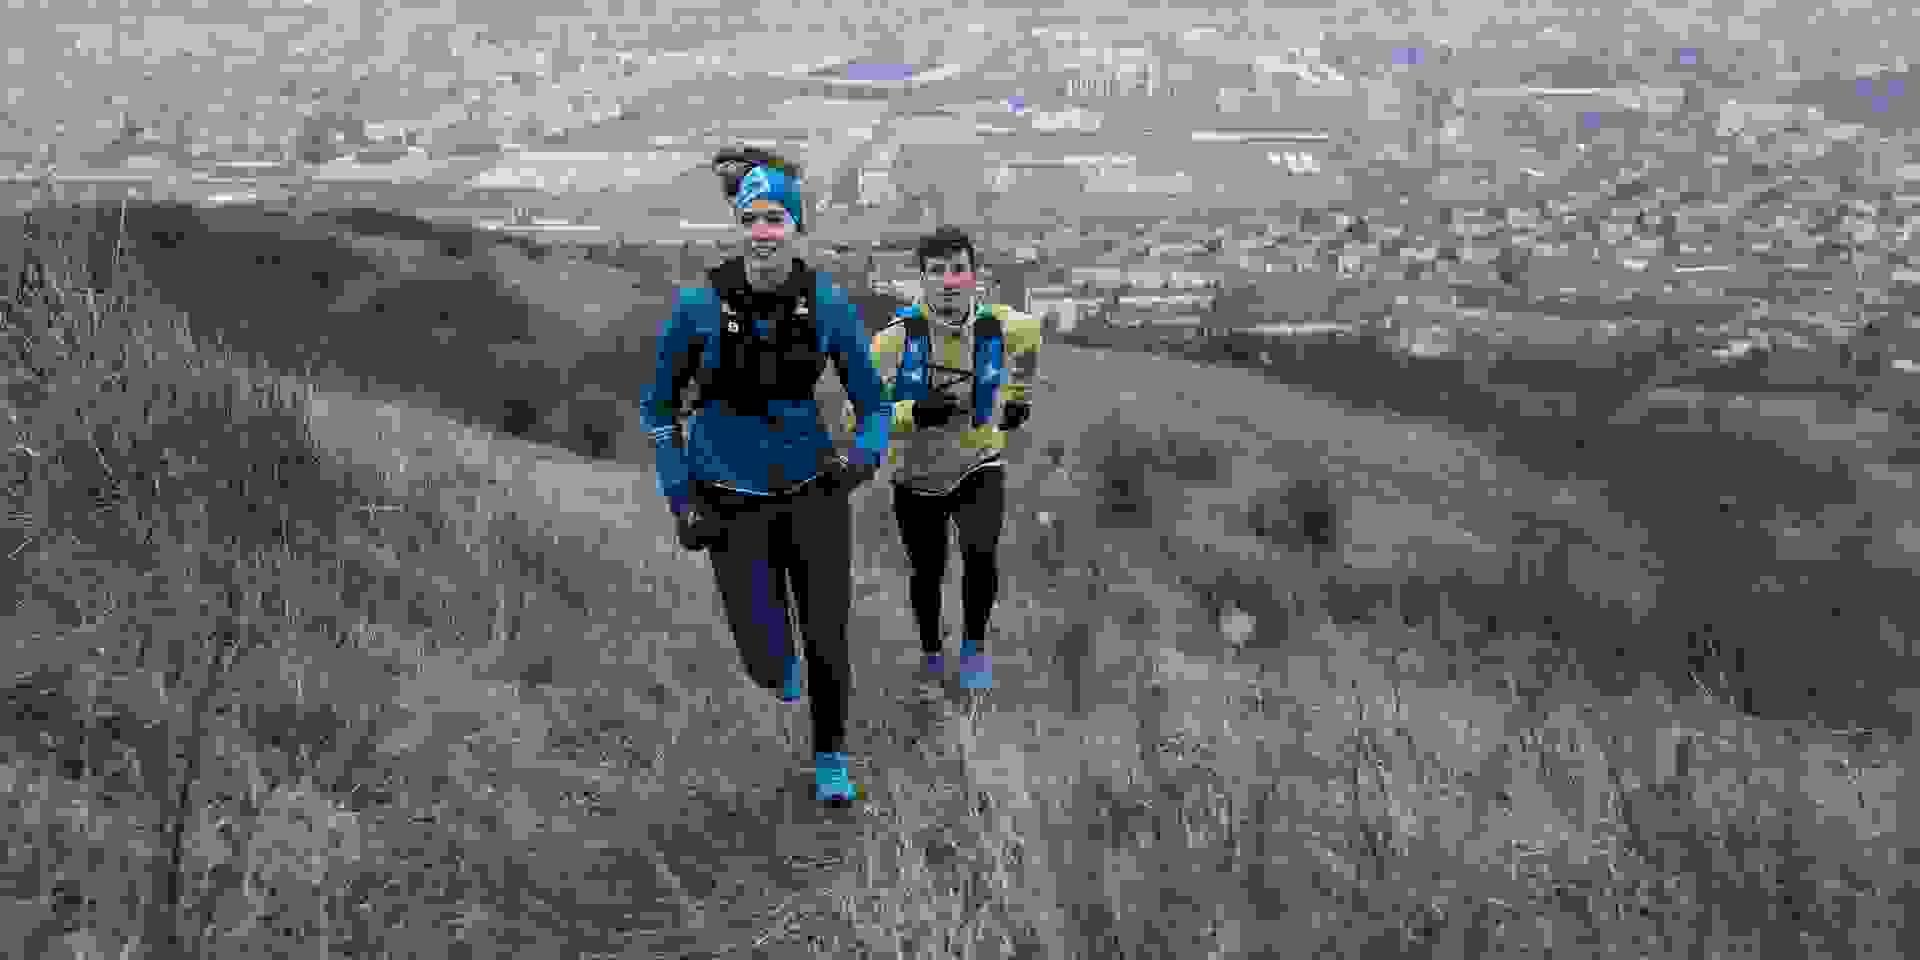 Zwei Trailrunner laufen einen Trail am Rande einer Stadt.